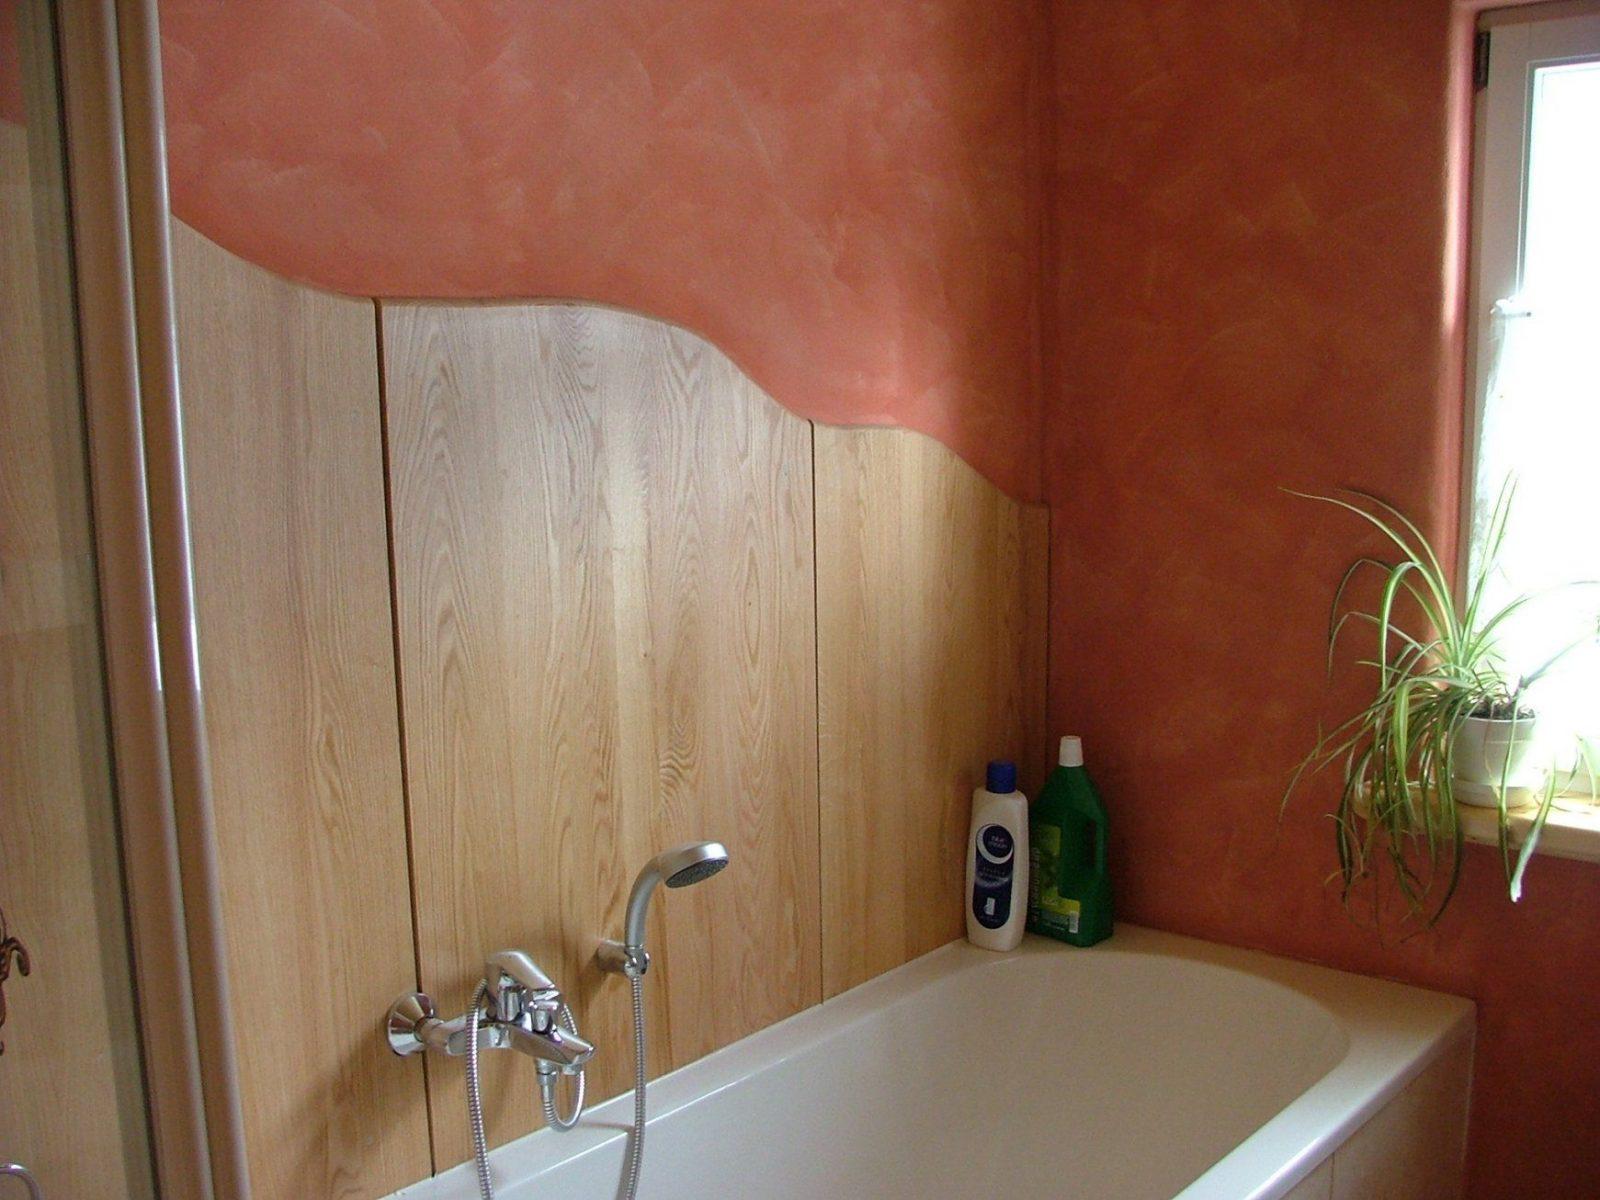 Putz Im Badezimmer Wand Von Wasserabweisende Farbe Für Dusche Photo